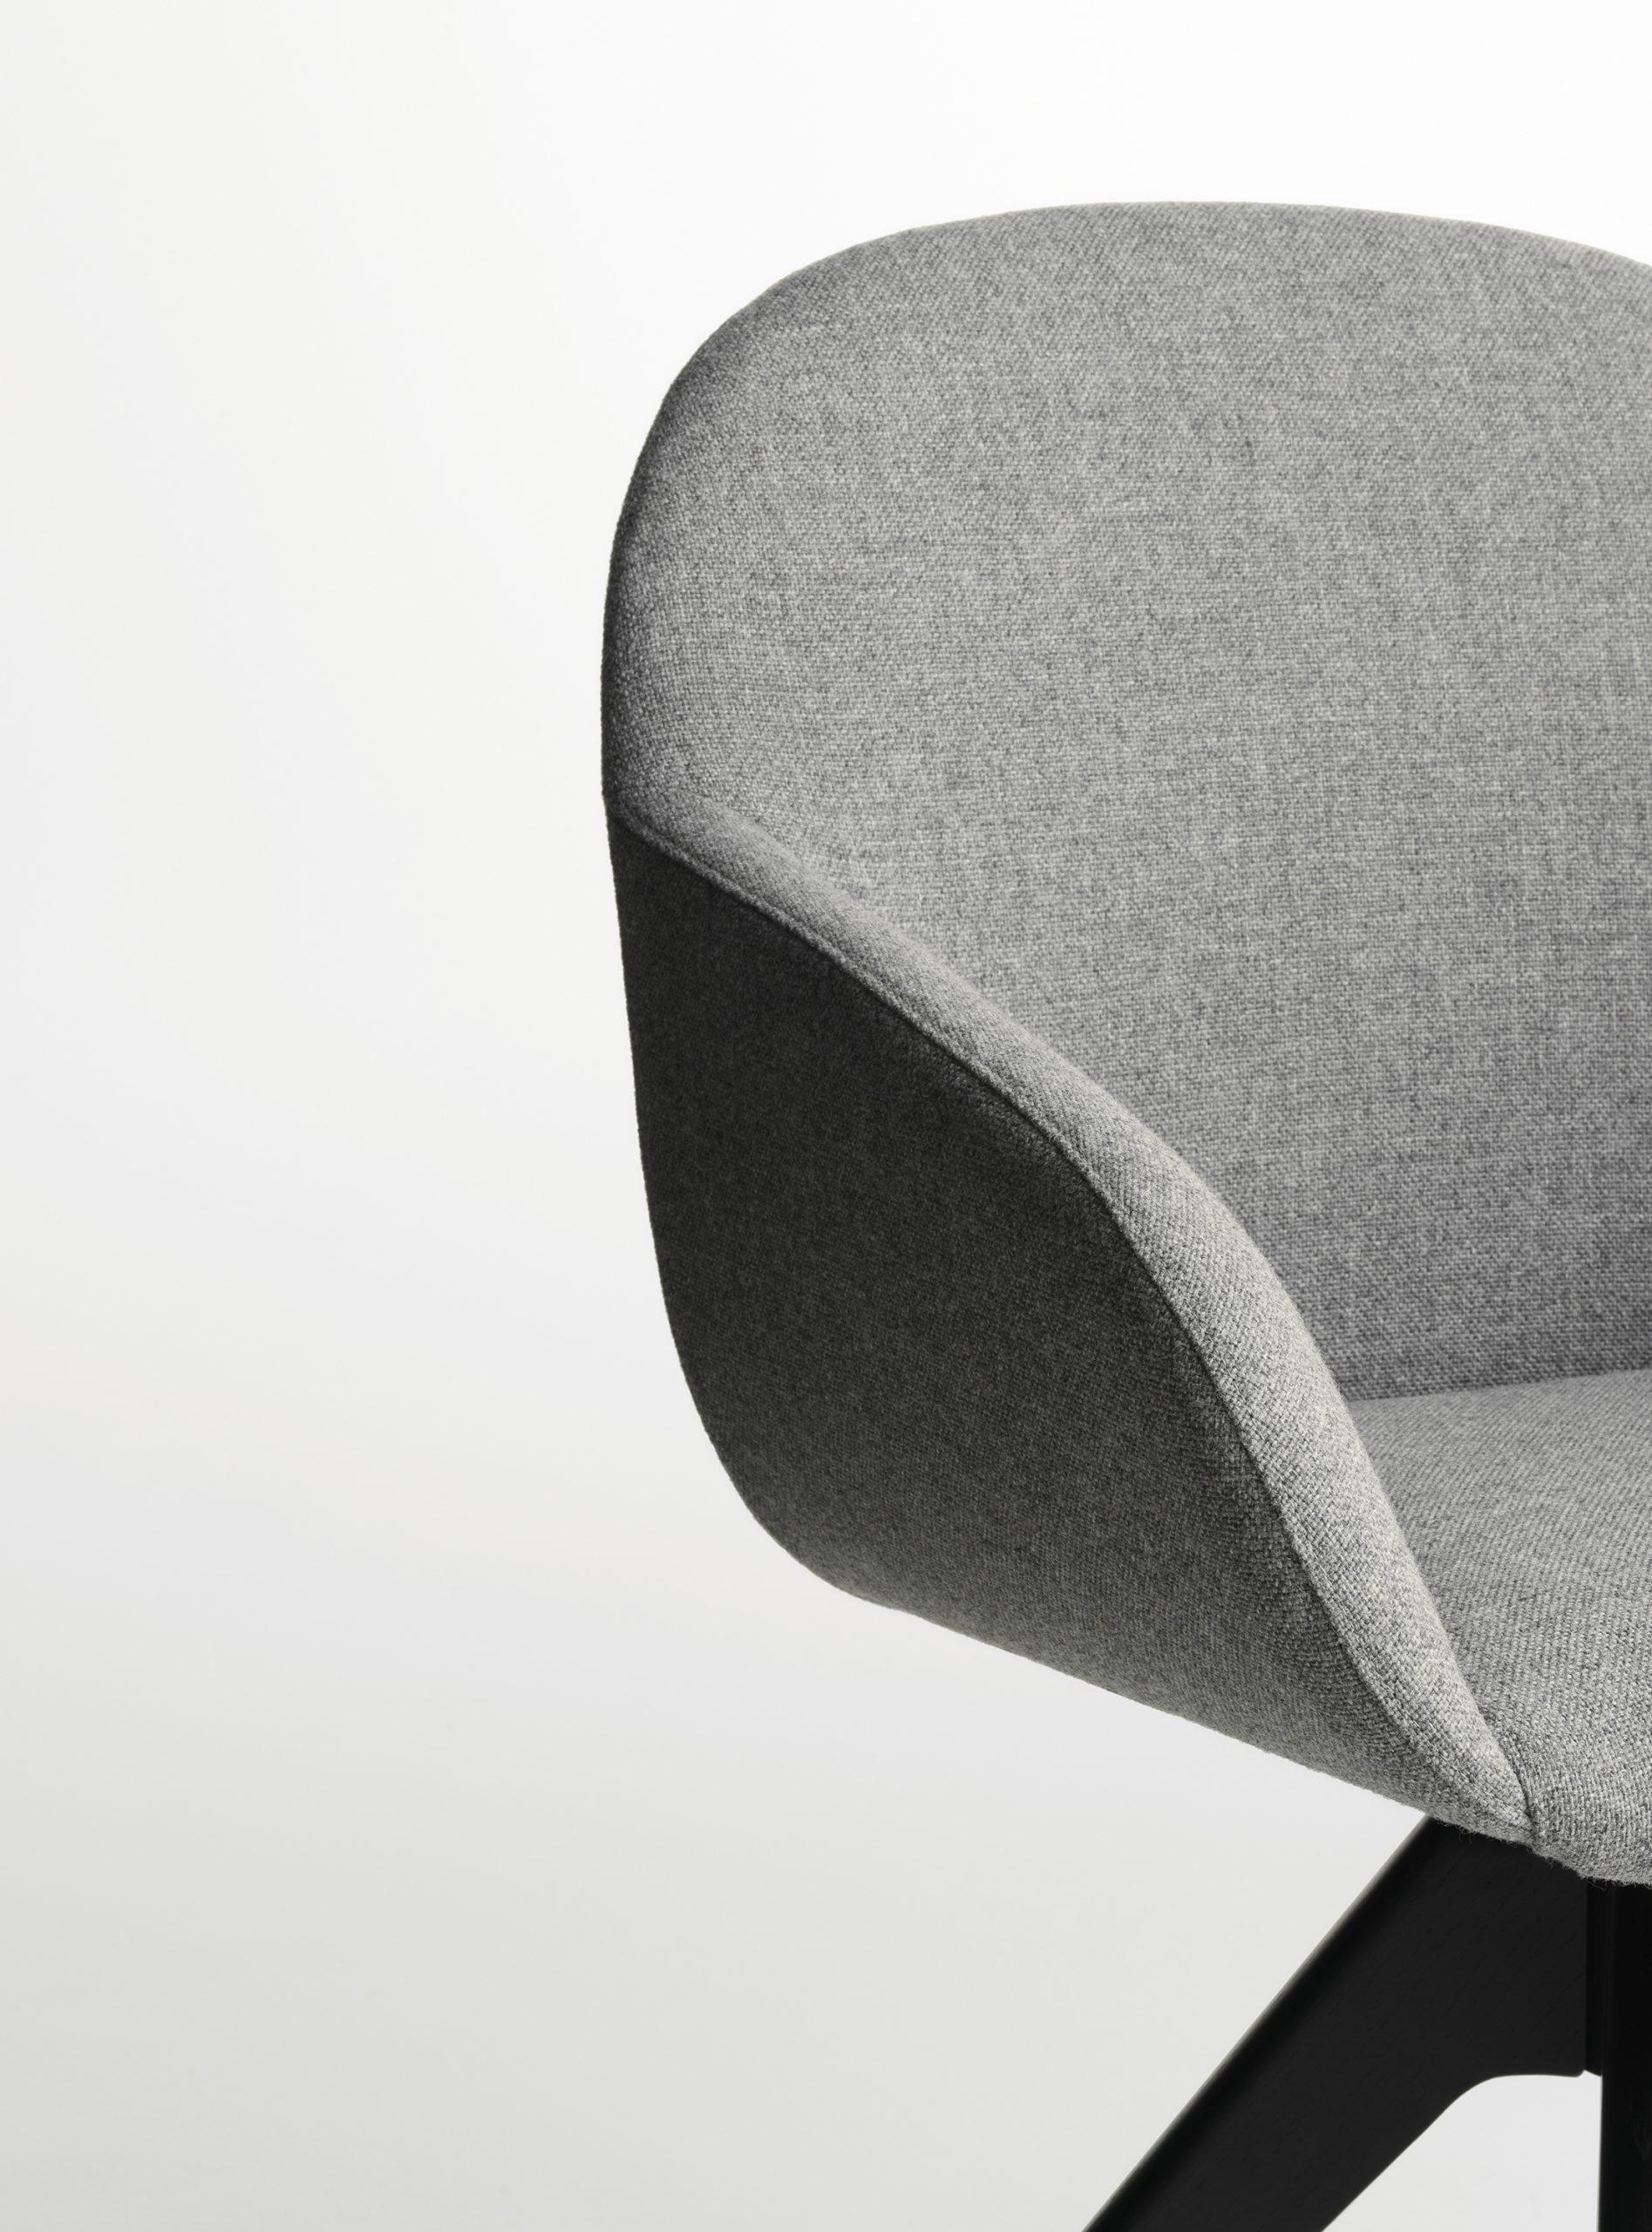 Elba chair detail